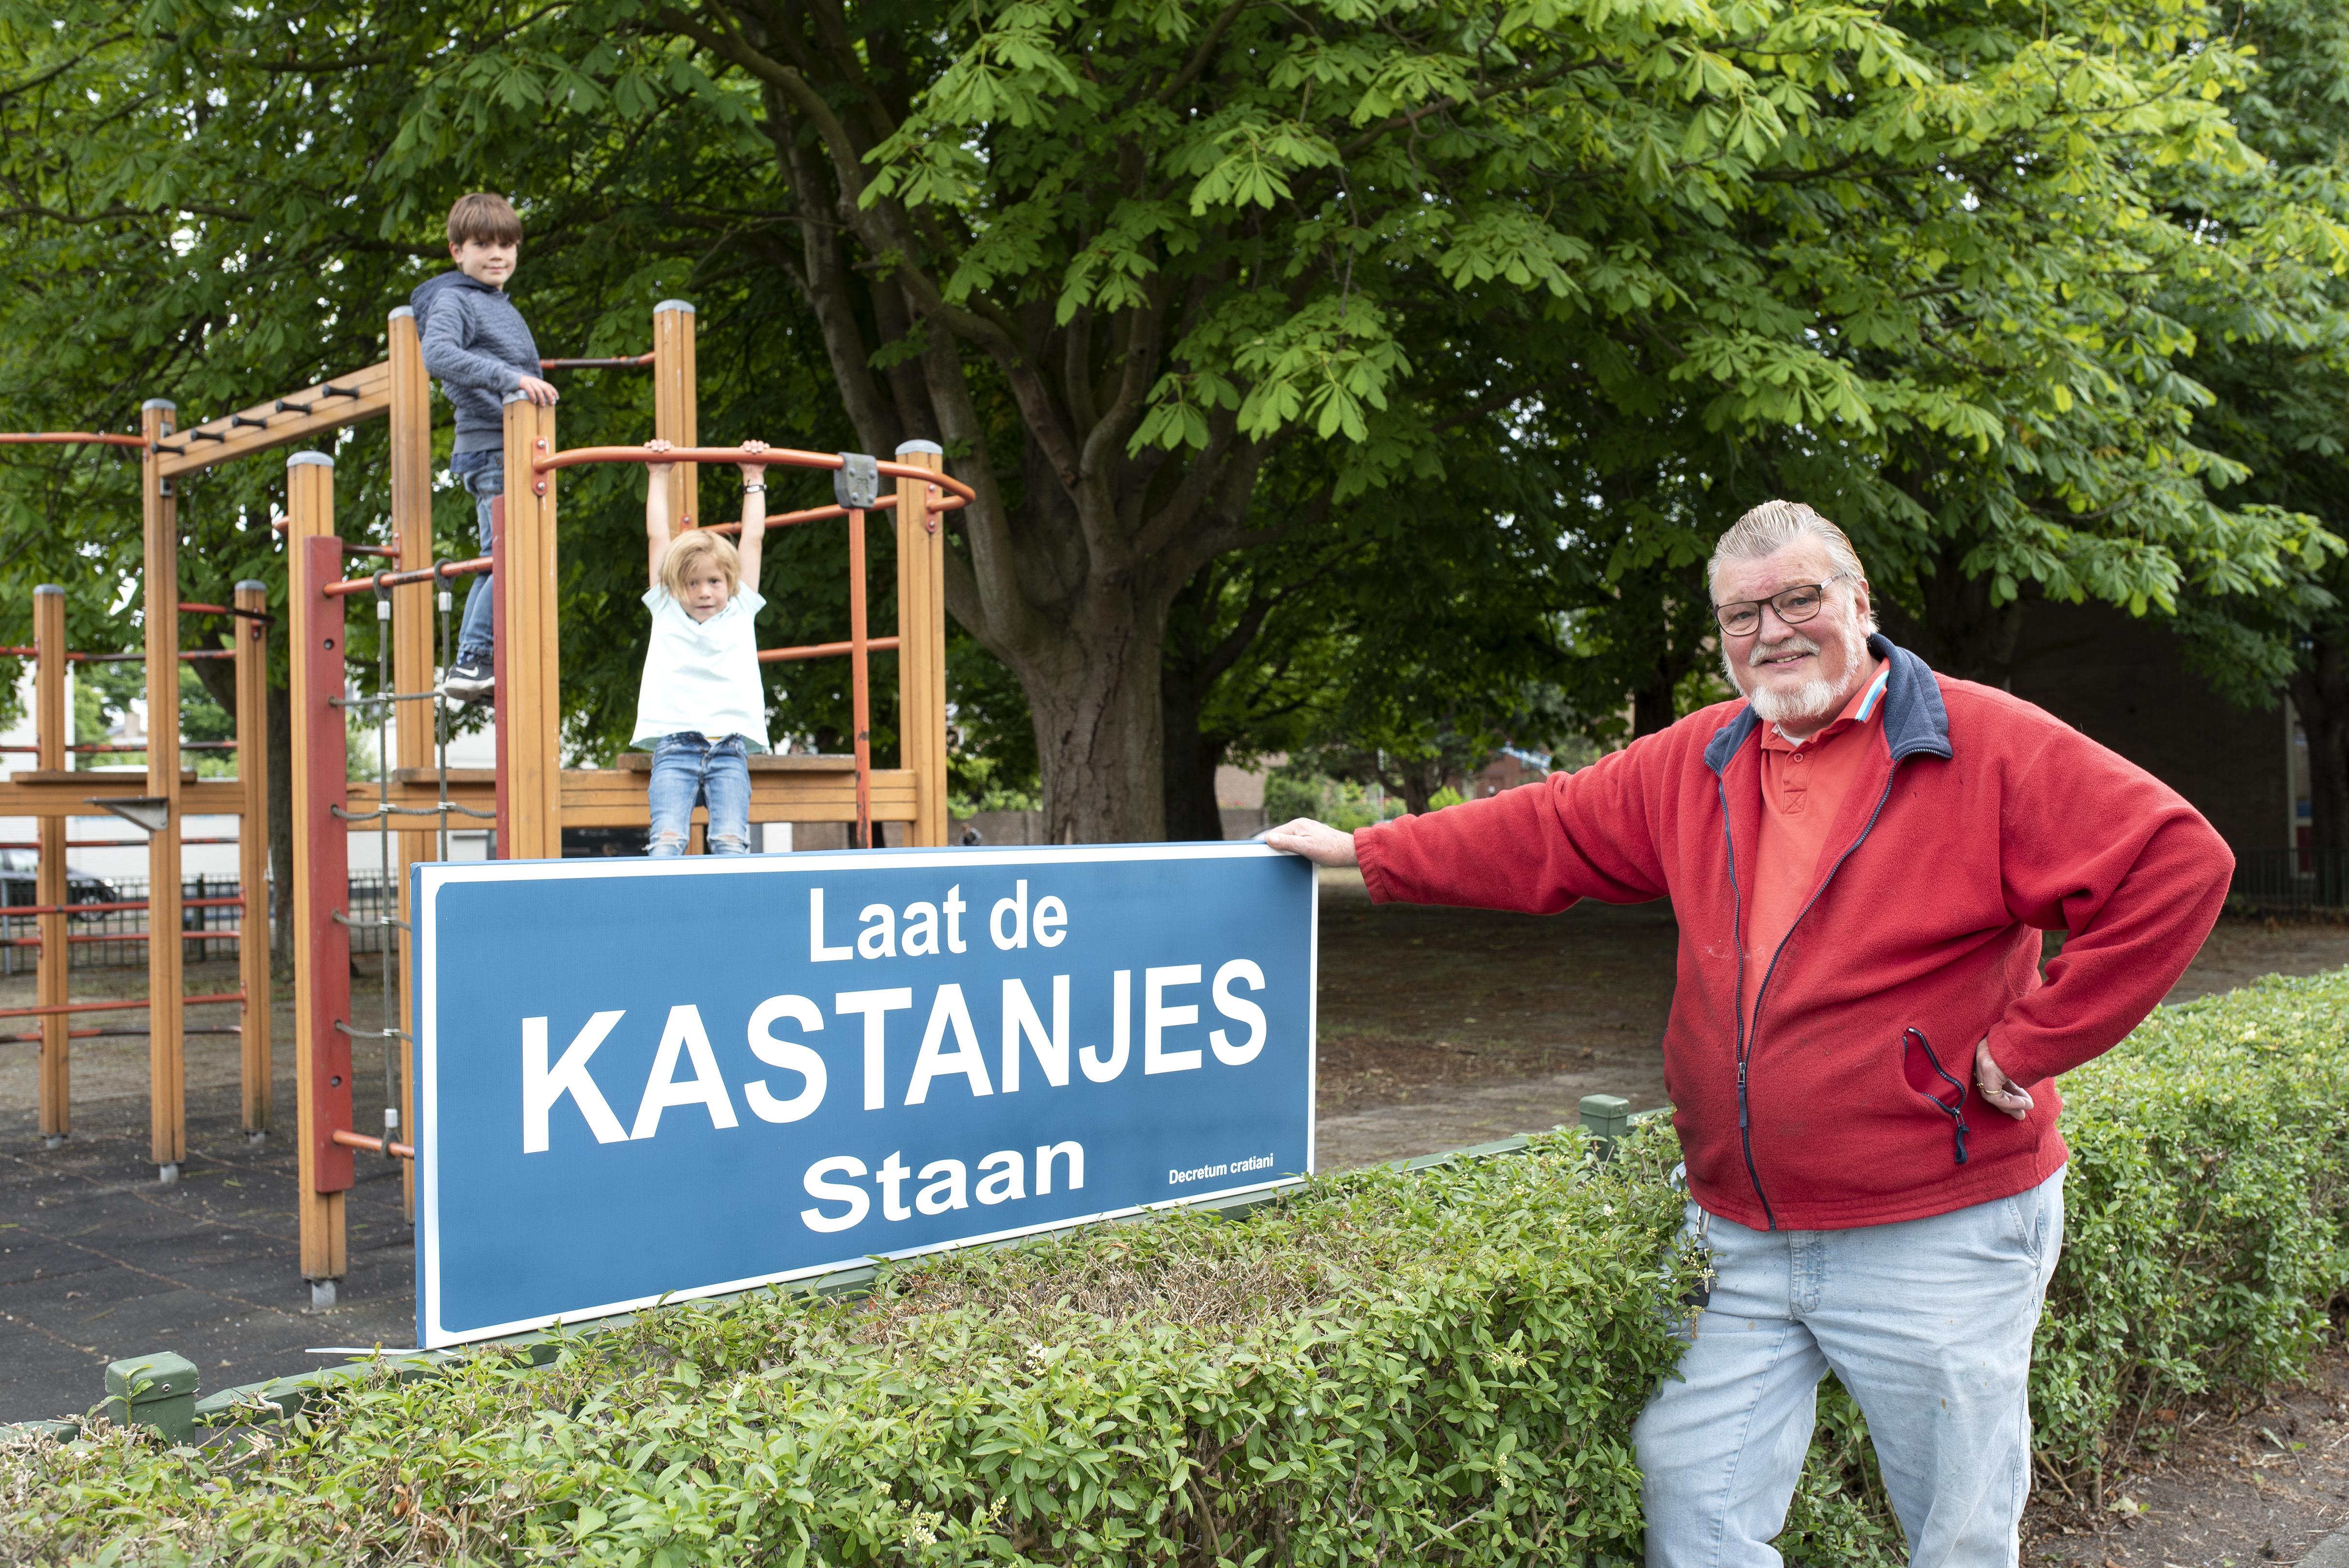 'Participatie Kuenenpleinproject was prima geregeld', vindt wethouder Ferraro van Beverwijk. Gemeenteraadsleden en buurtbewoners vinden van niet